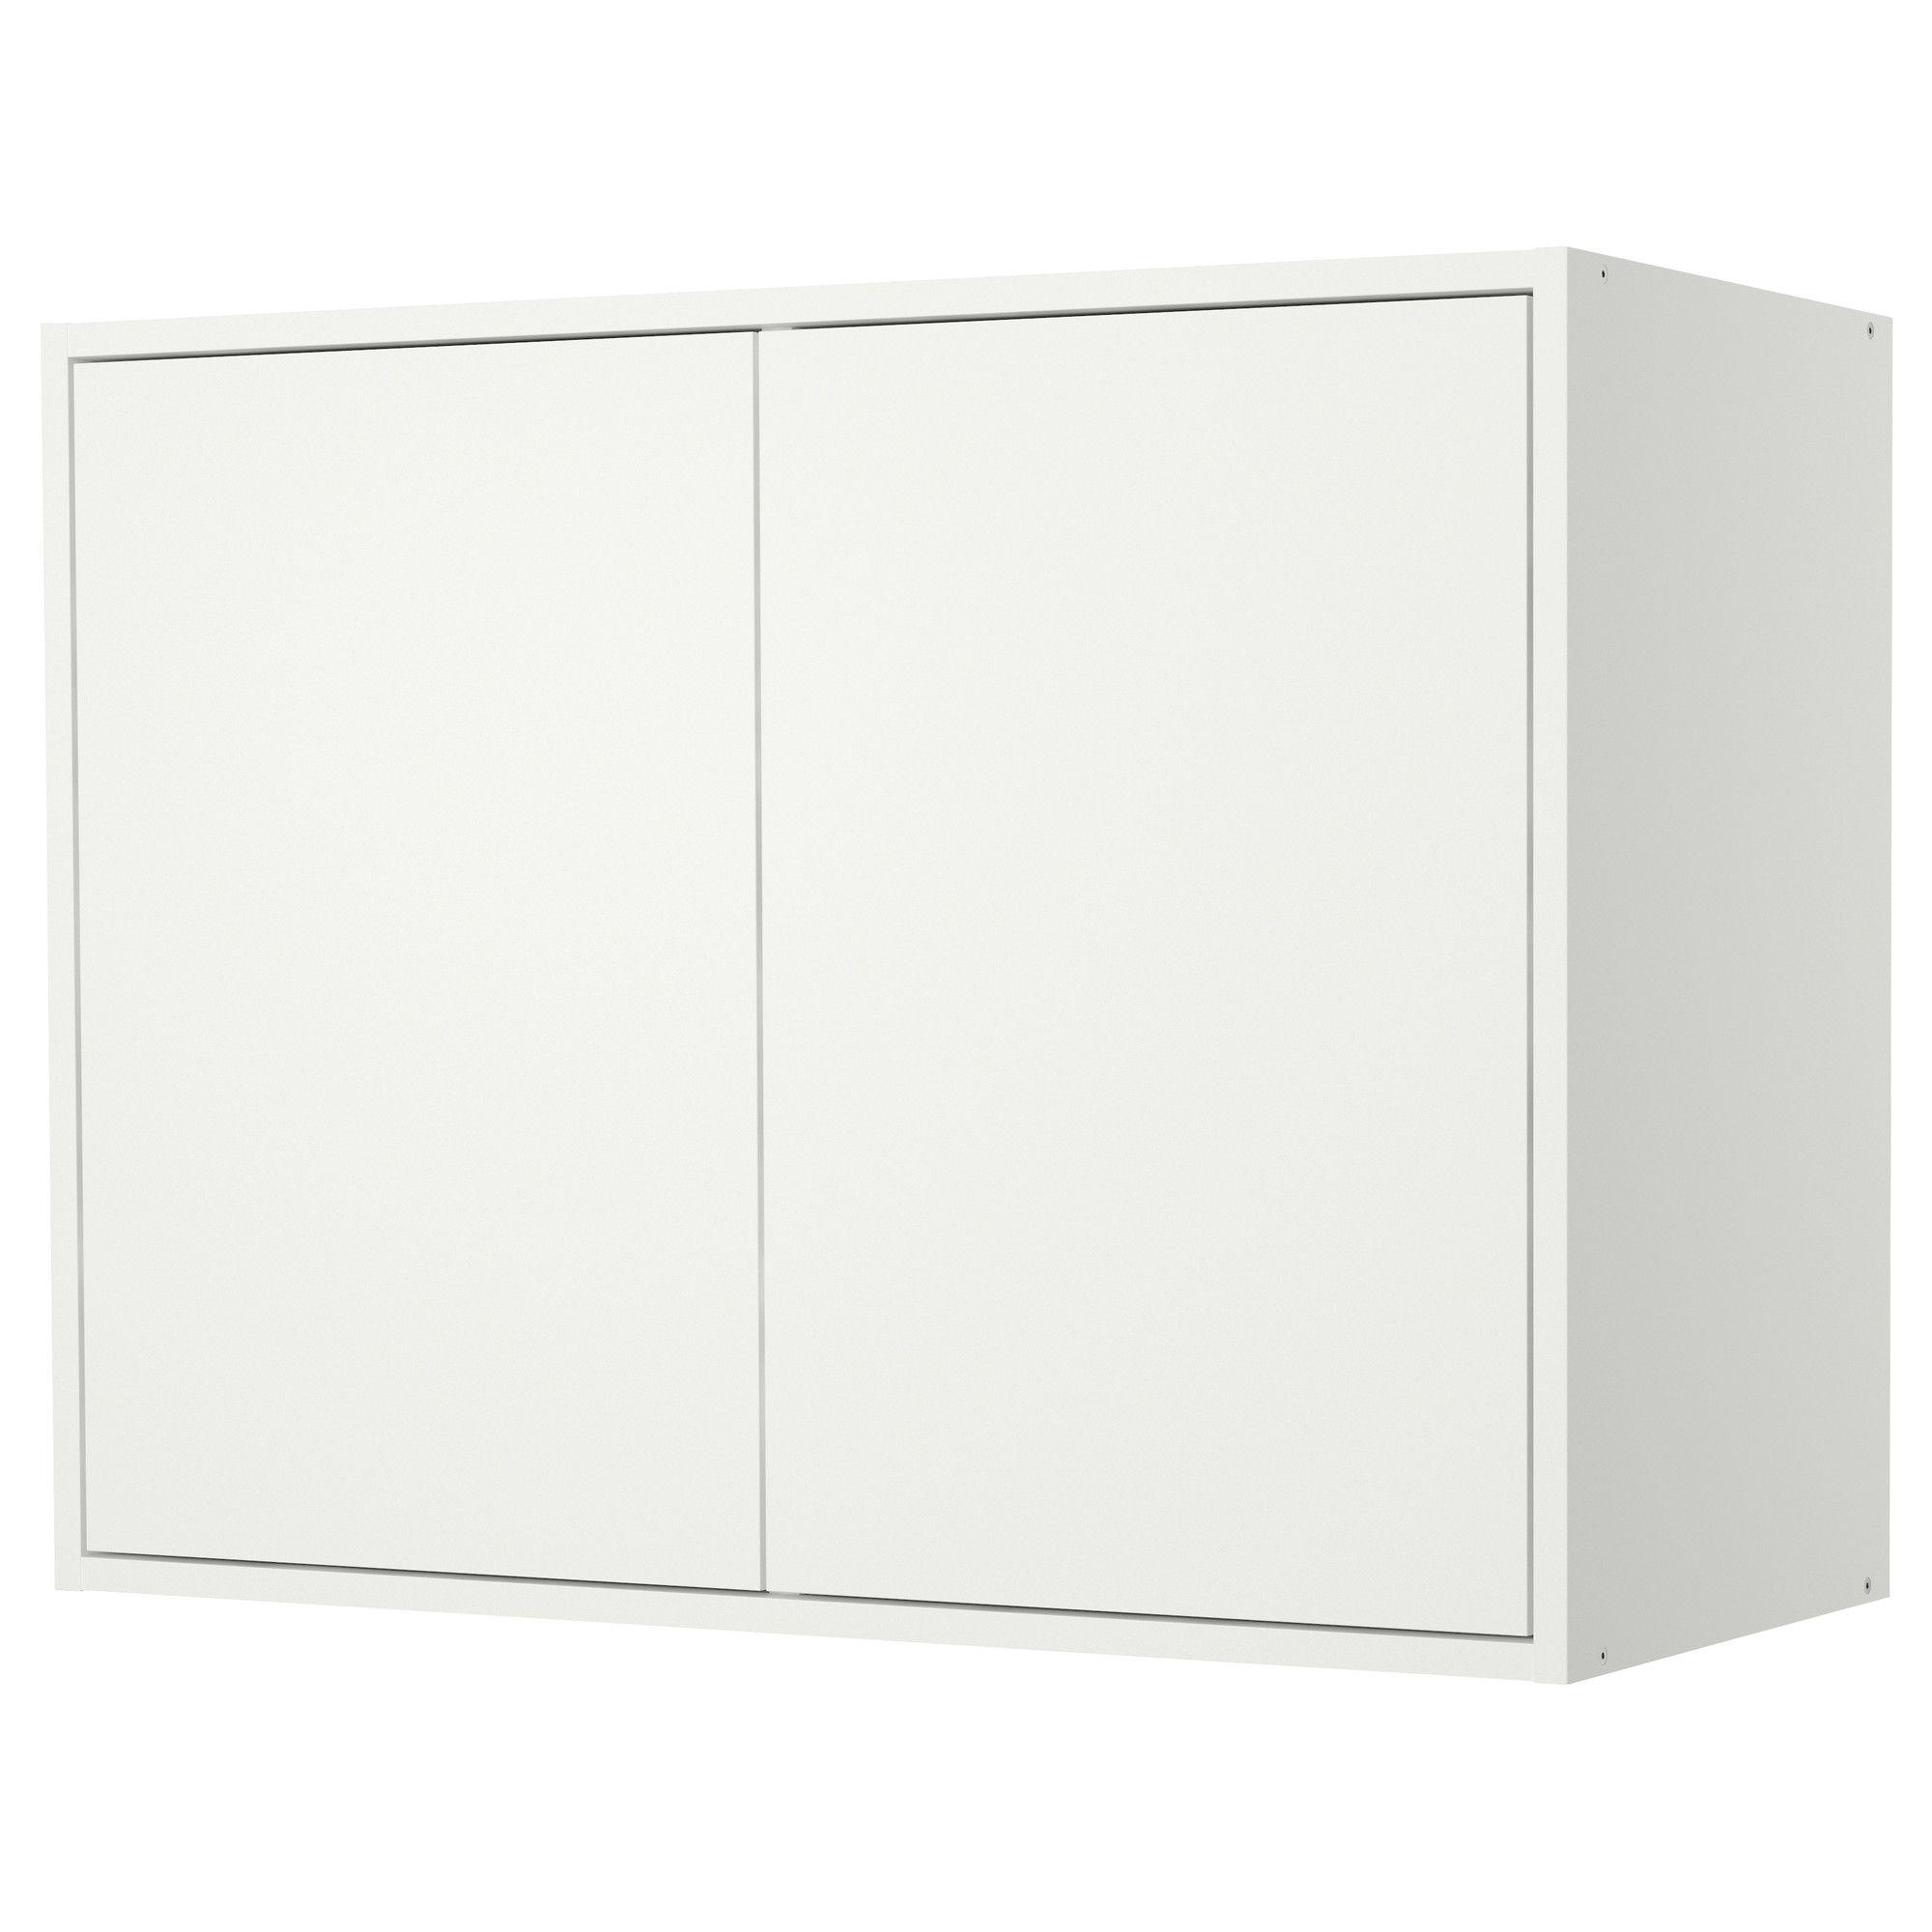 FYNDIG Wandschrank mit Türen - weiß/weiß - IKEA | Ikea | Pinterest ...